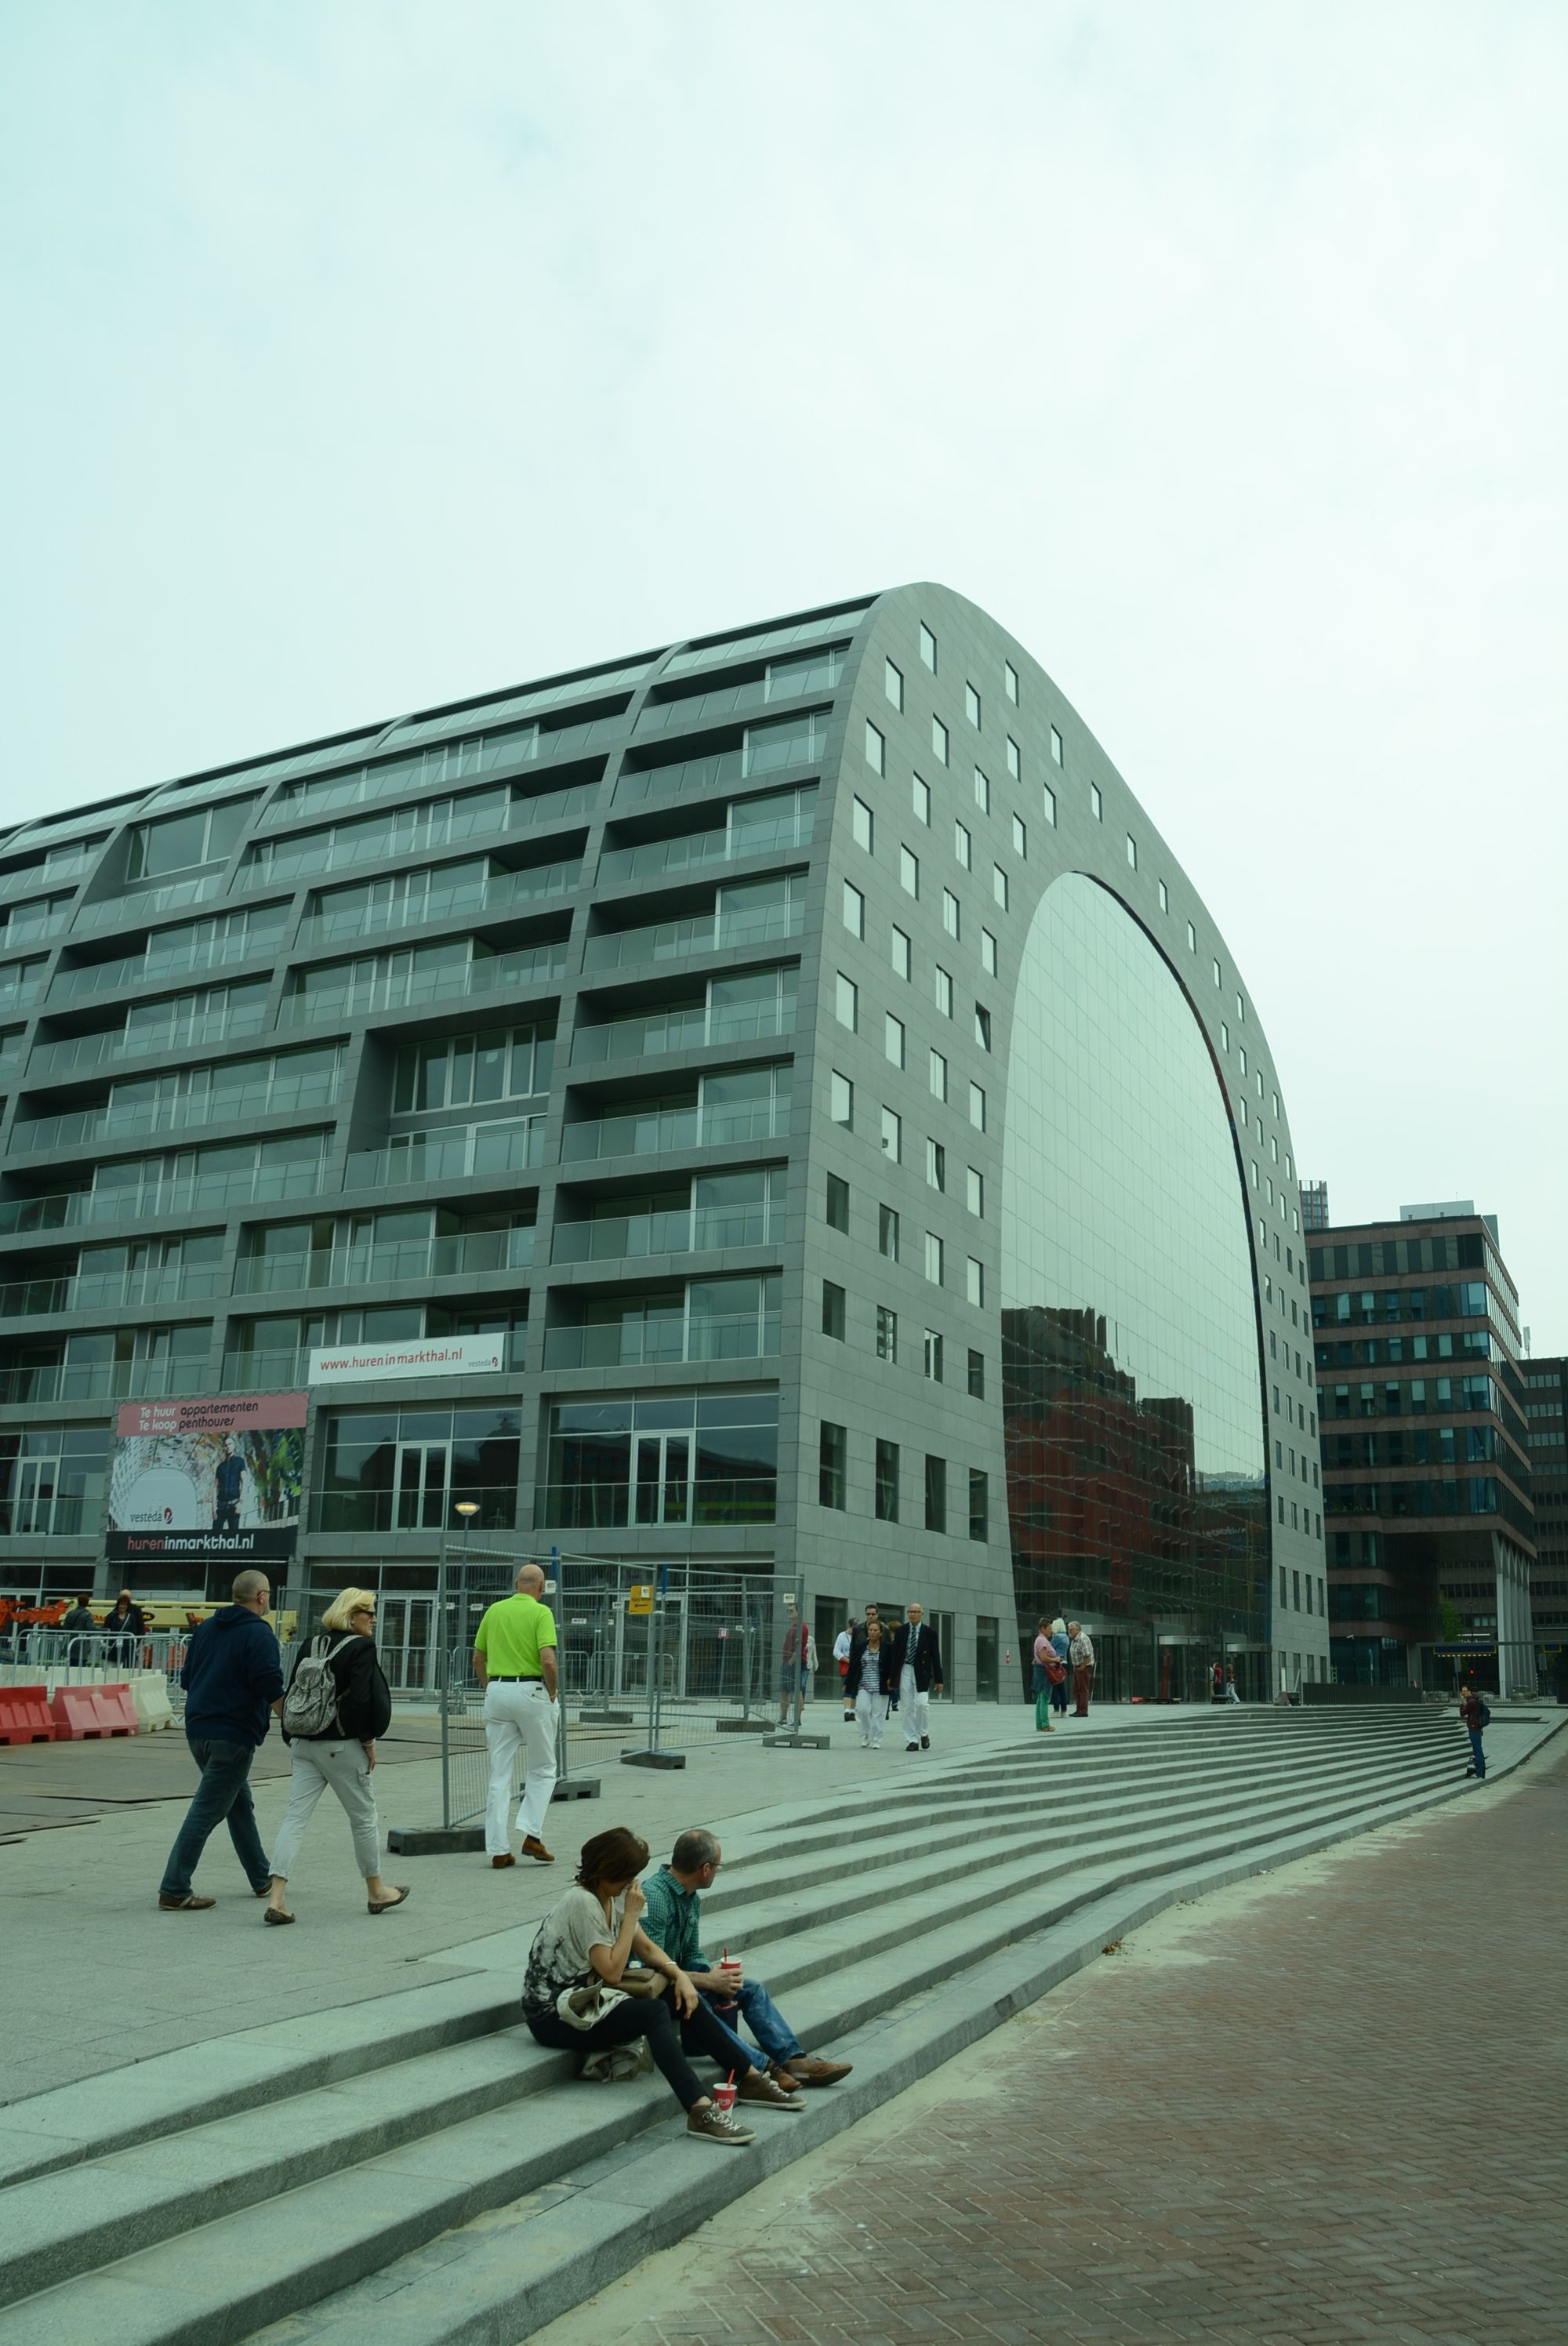 Rotterdam Markthalle MVRDV GrachtenundGiebelHollandBlogNiederlandeRalfJohnenZuidHollandArchitekturKoolhaas04